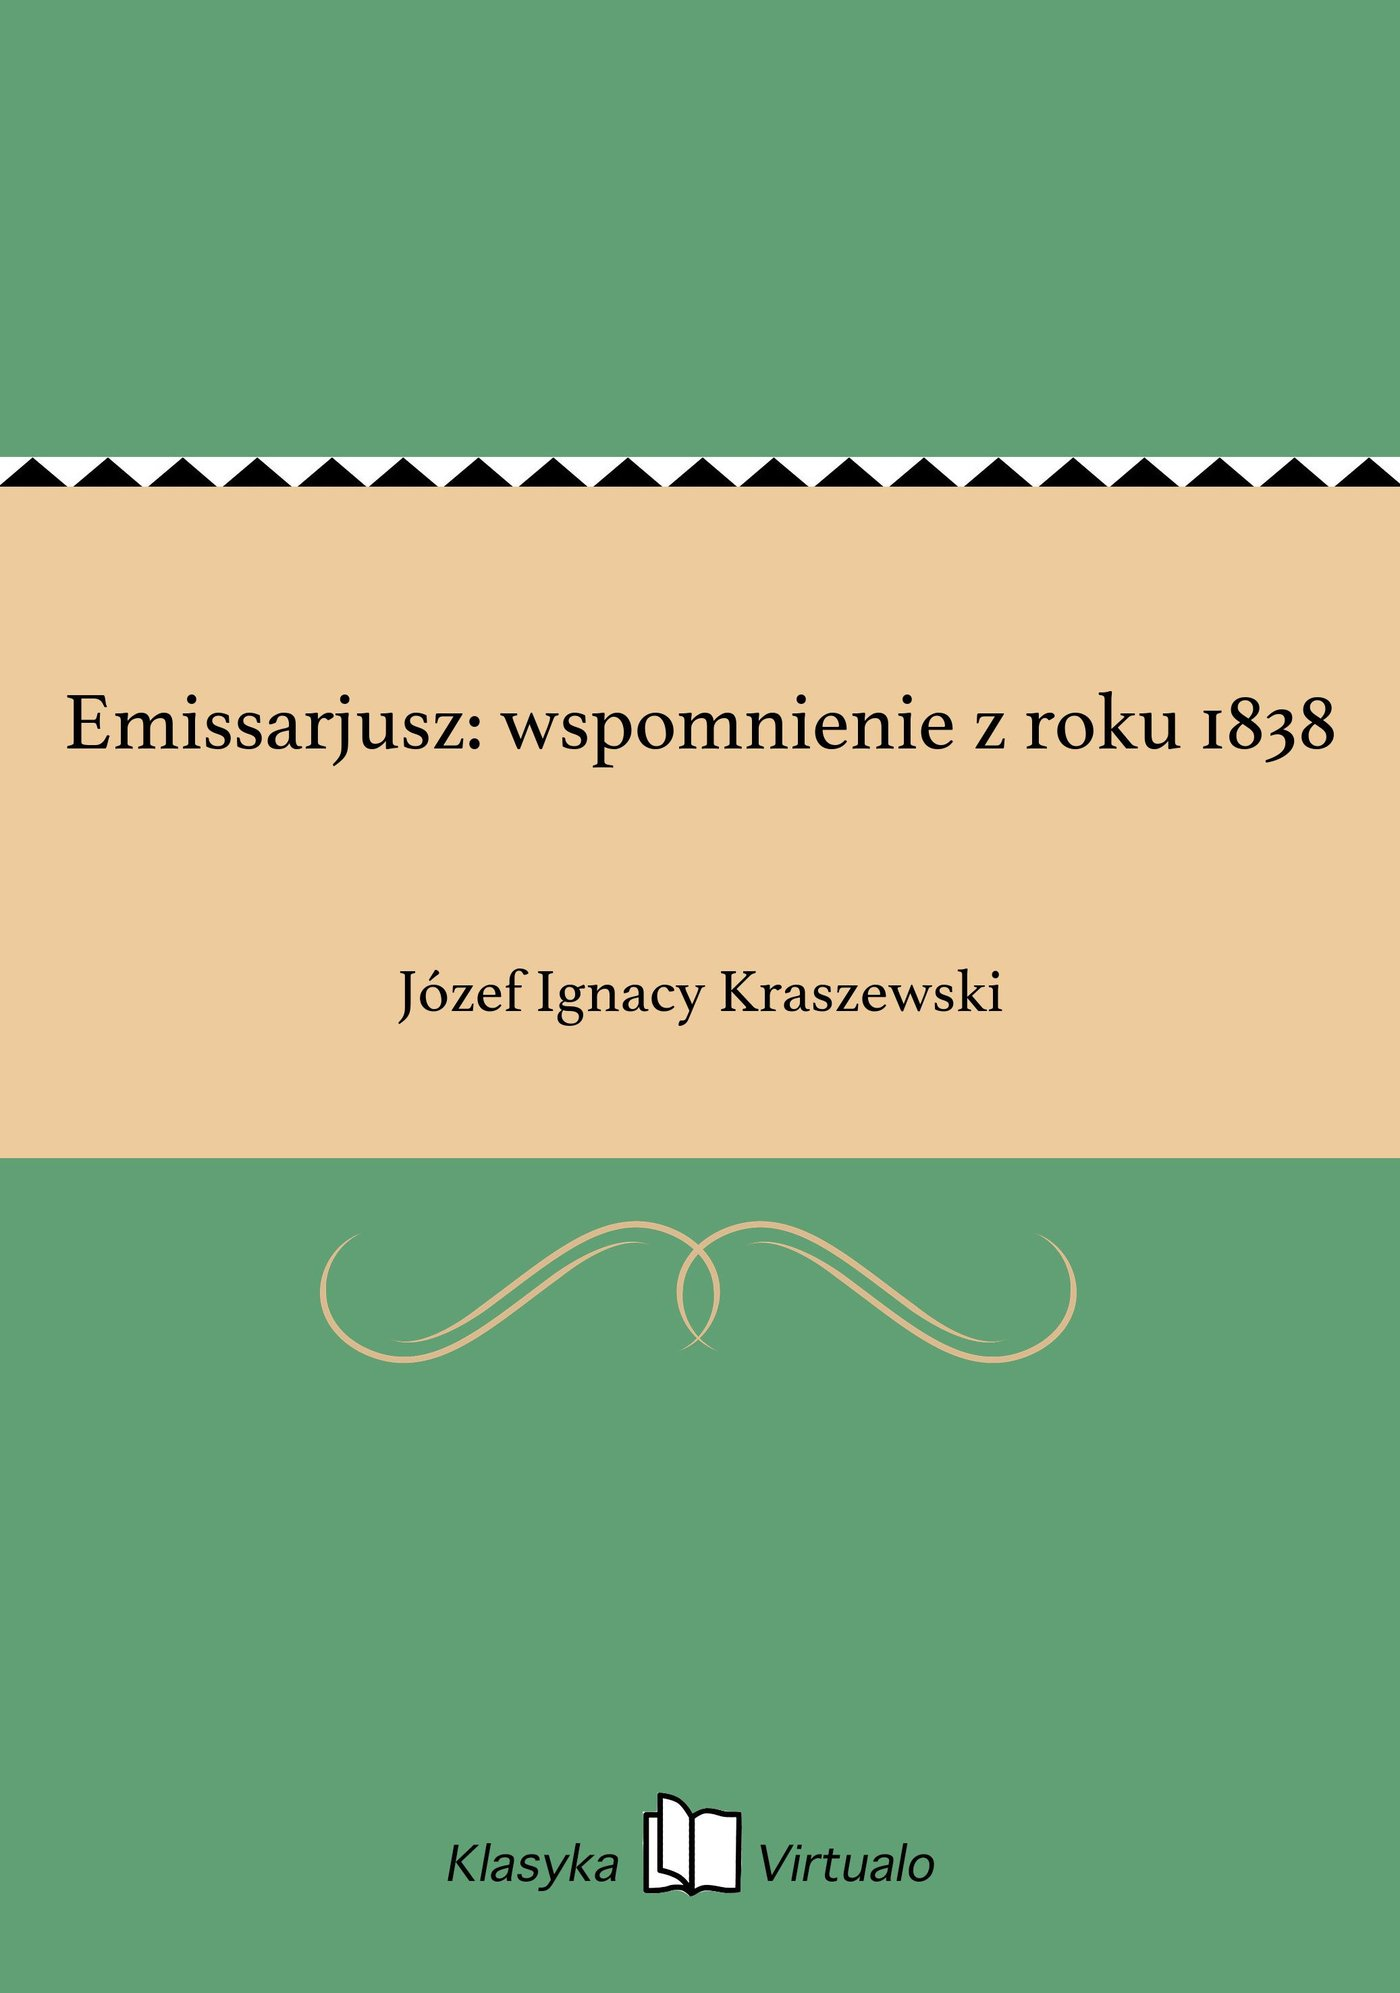 Emissarjusz: wspomnienie z roku 1838 - Ebook (Książka EPUB) do pobrania w formacie EPUB